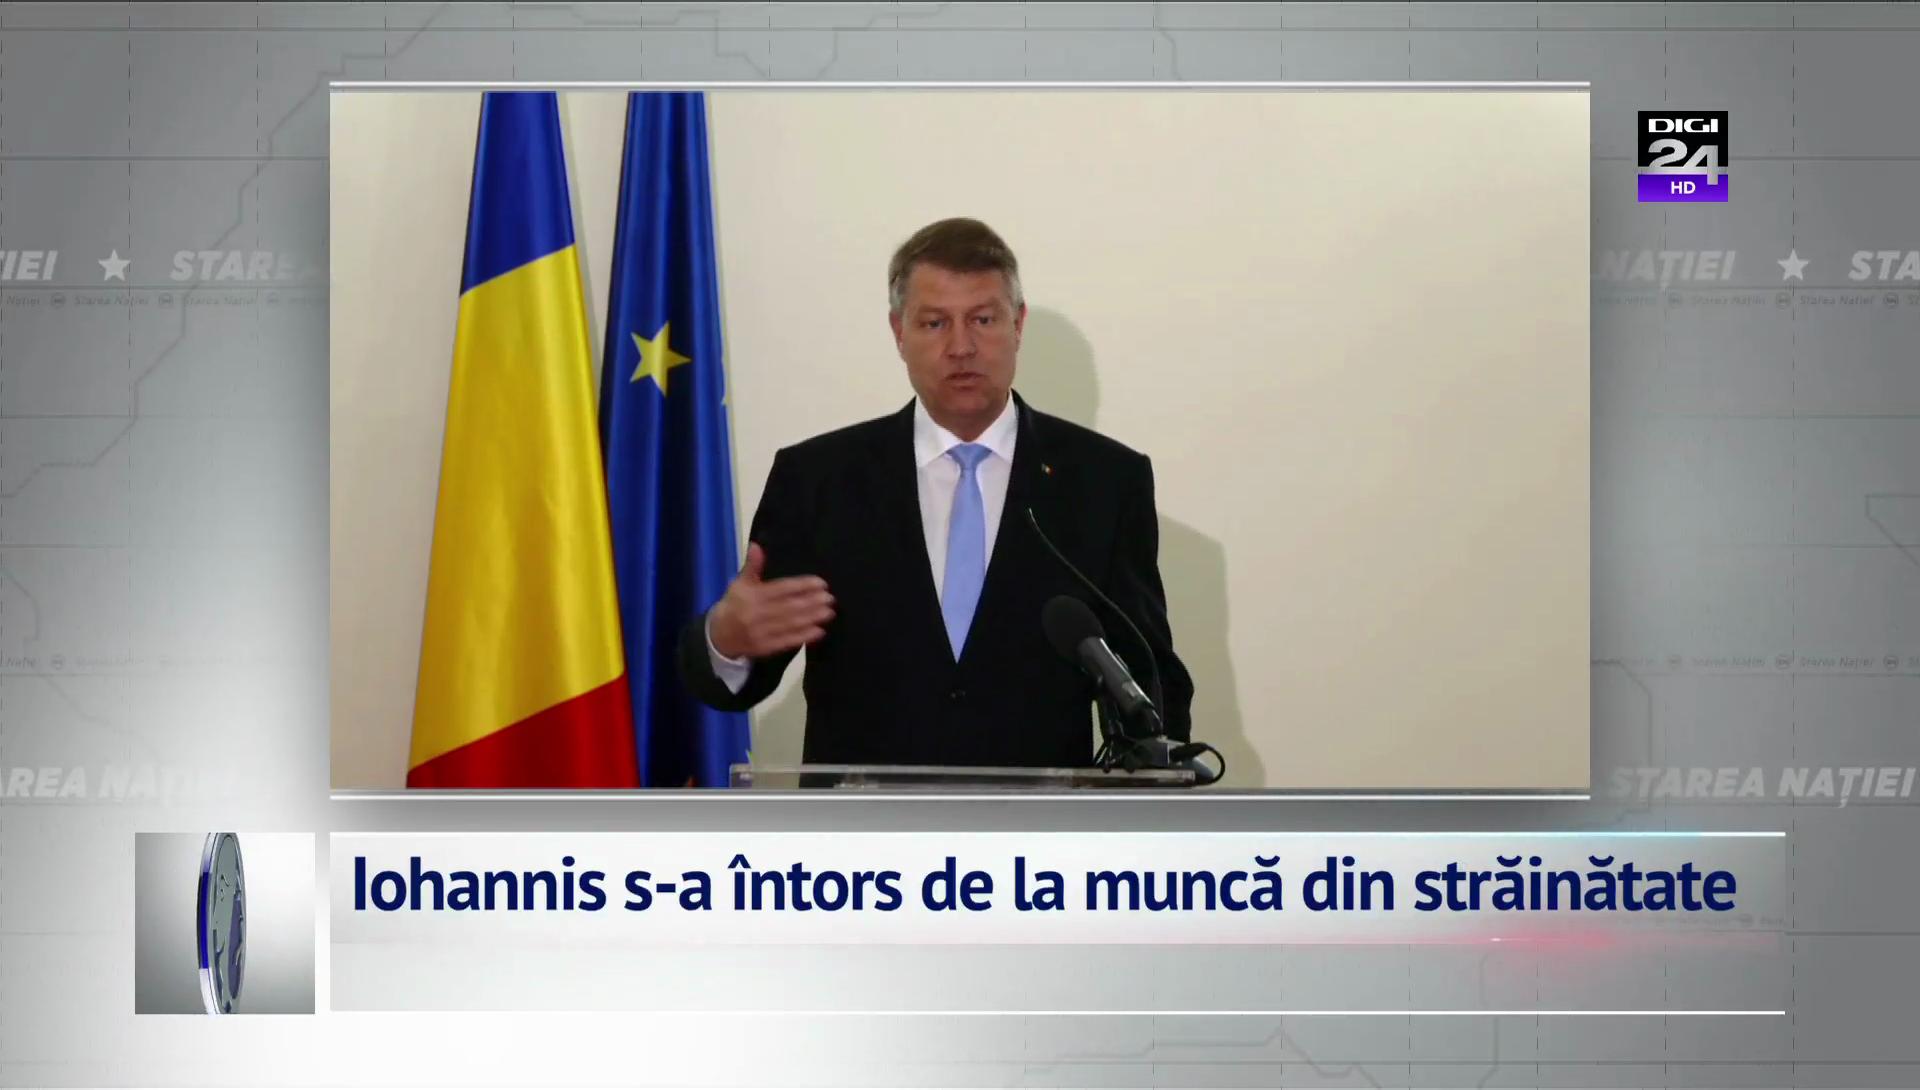 Iohannis s-a întors de la muncă din străinătate